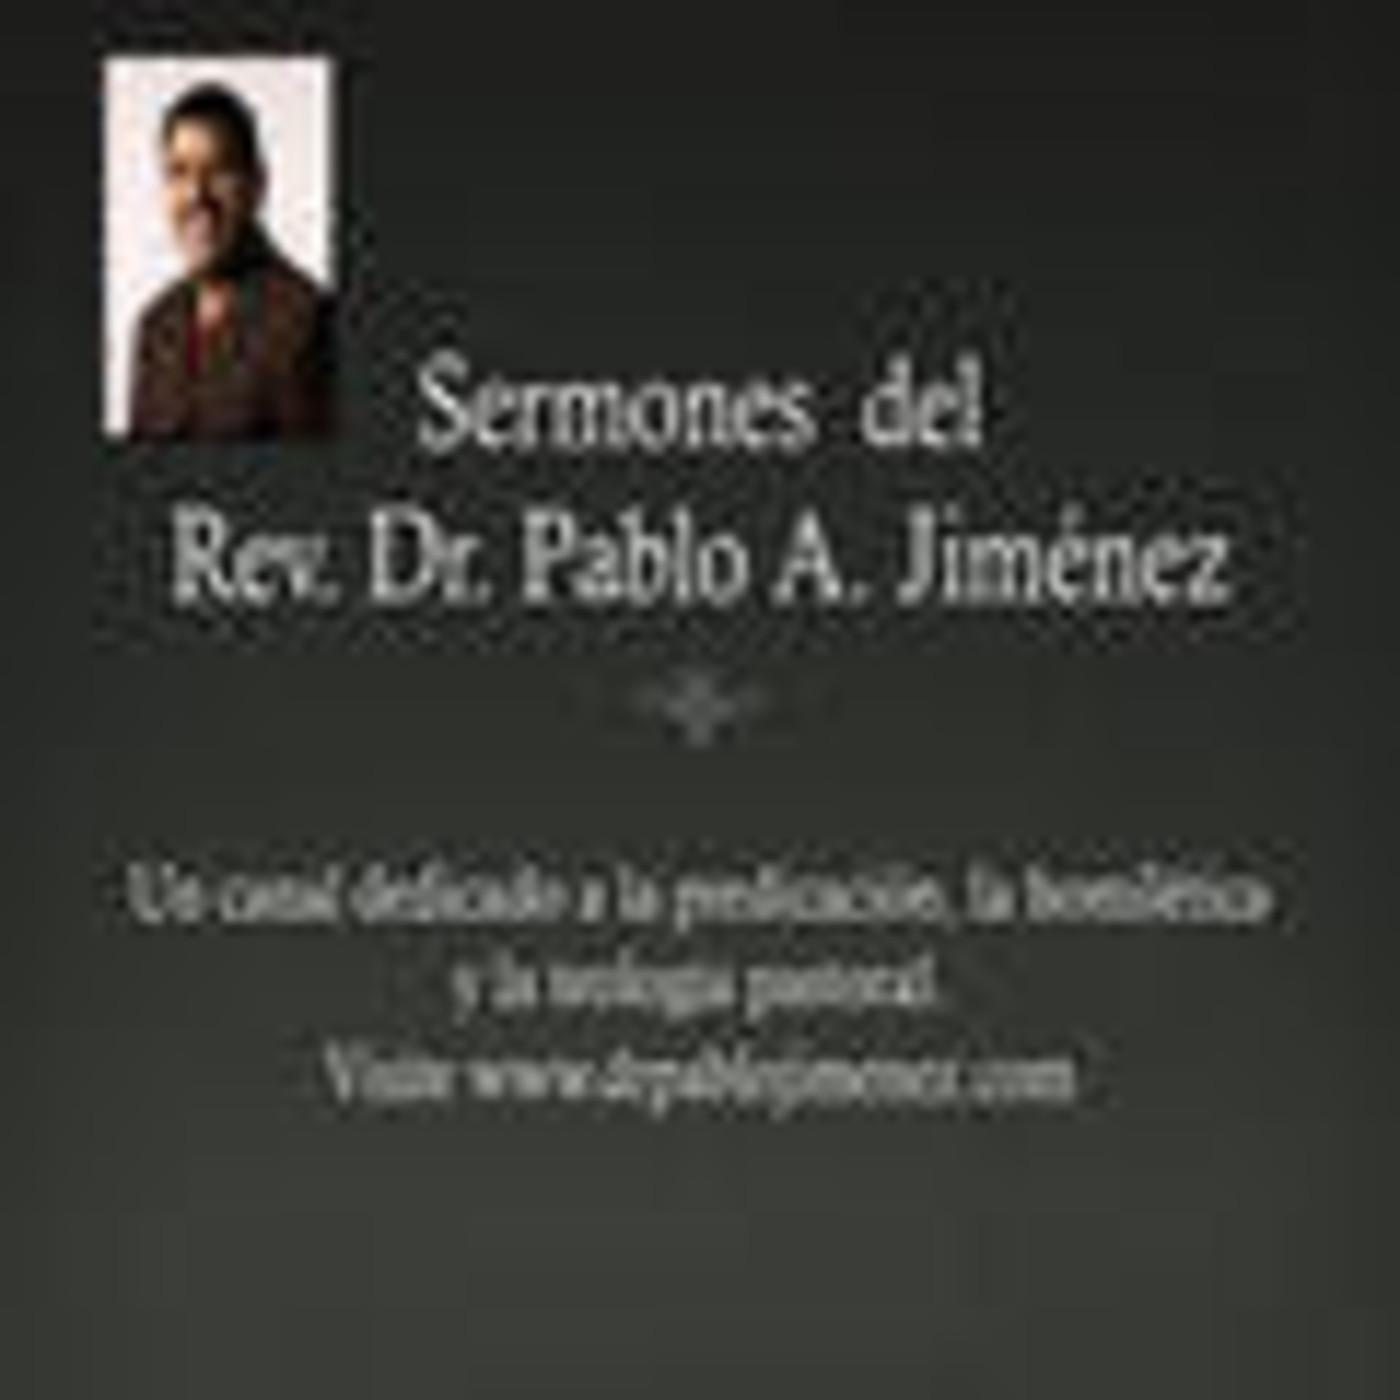 Pablo A Jimenez